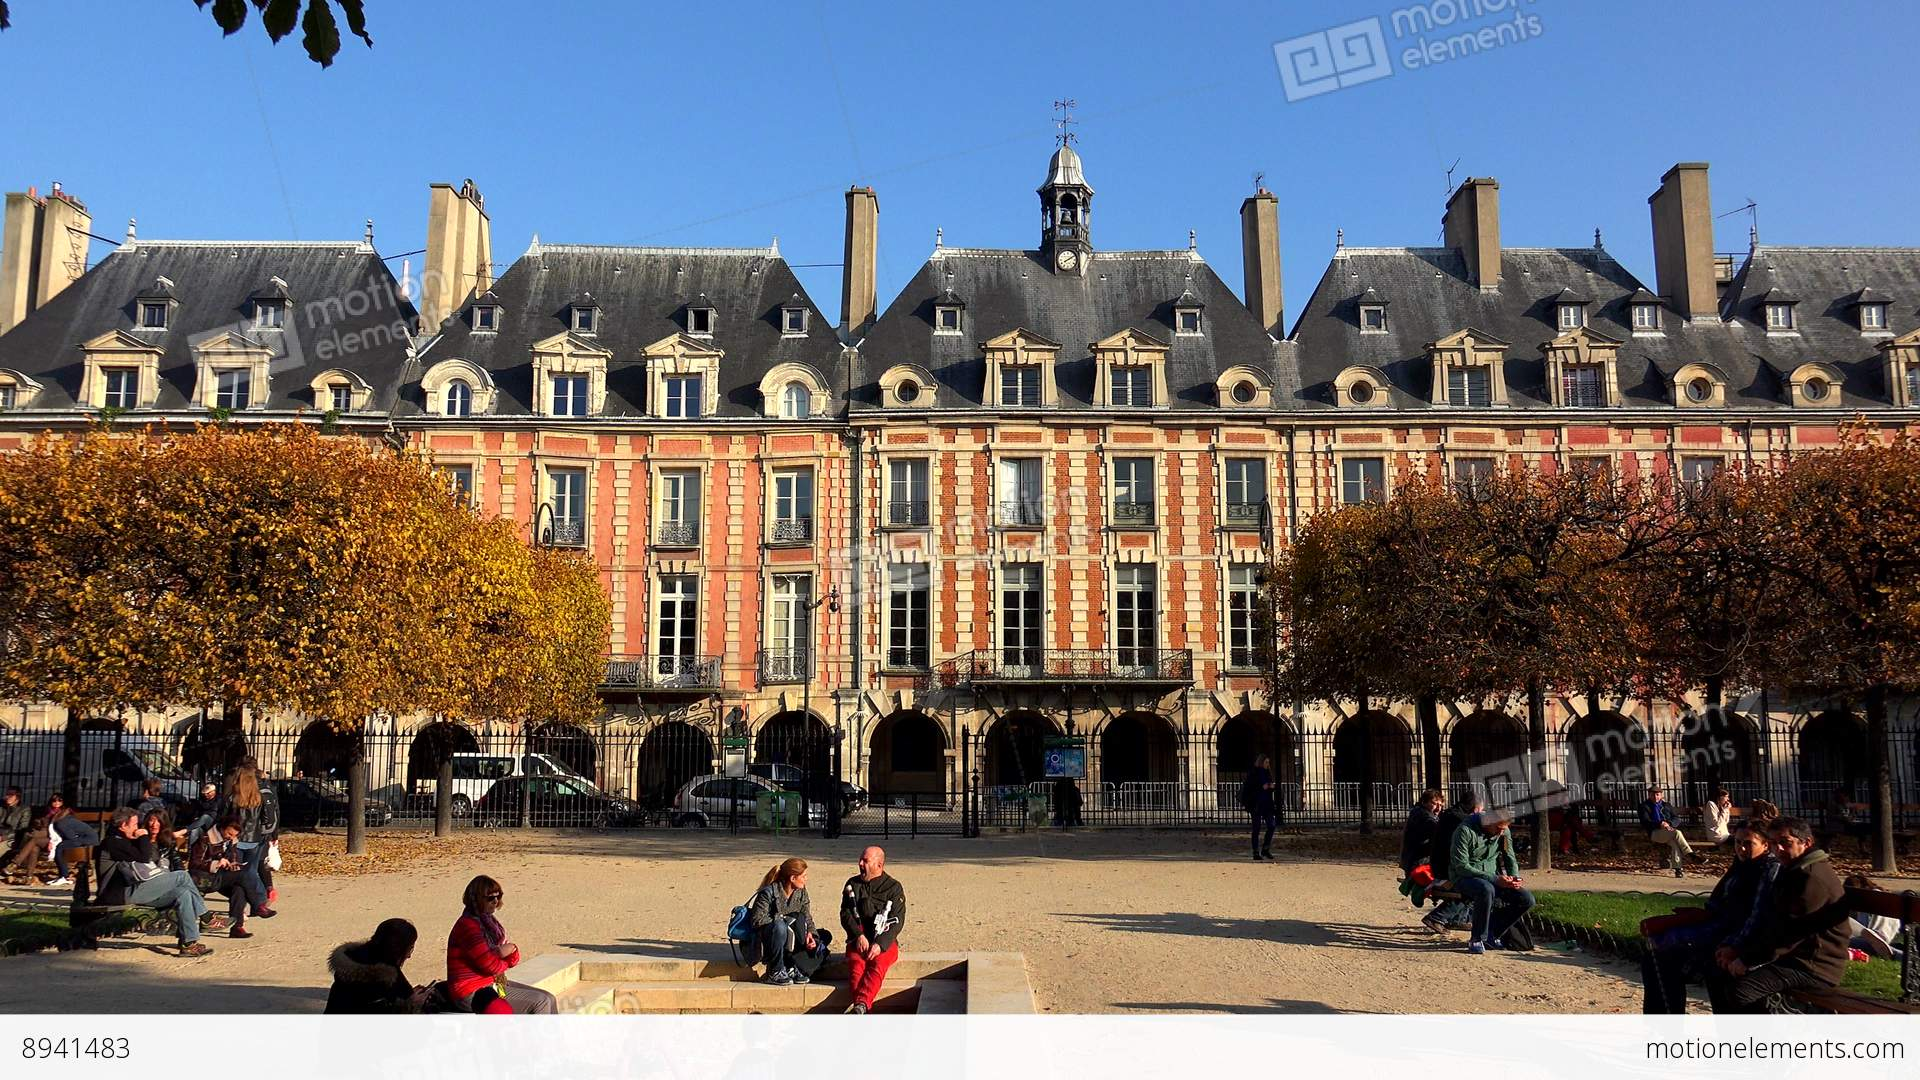 Place des vosges in paris france 4k stock video footage - Comptoir des cotonniers place des vosges ...